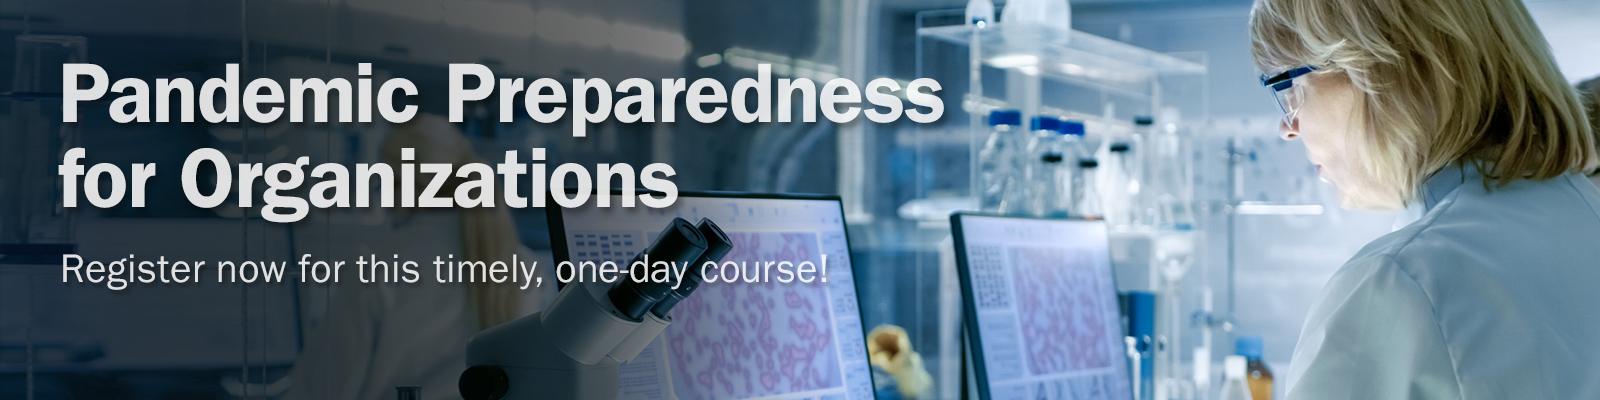 DRI-pandemic Image